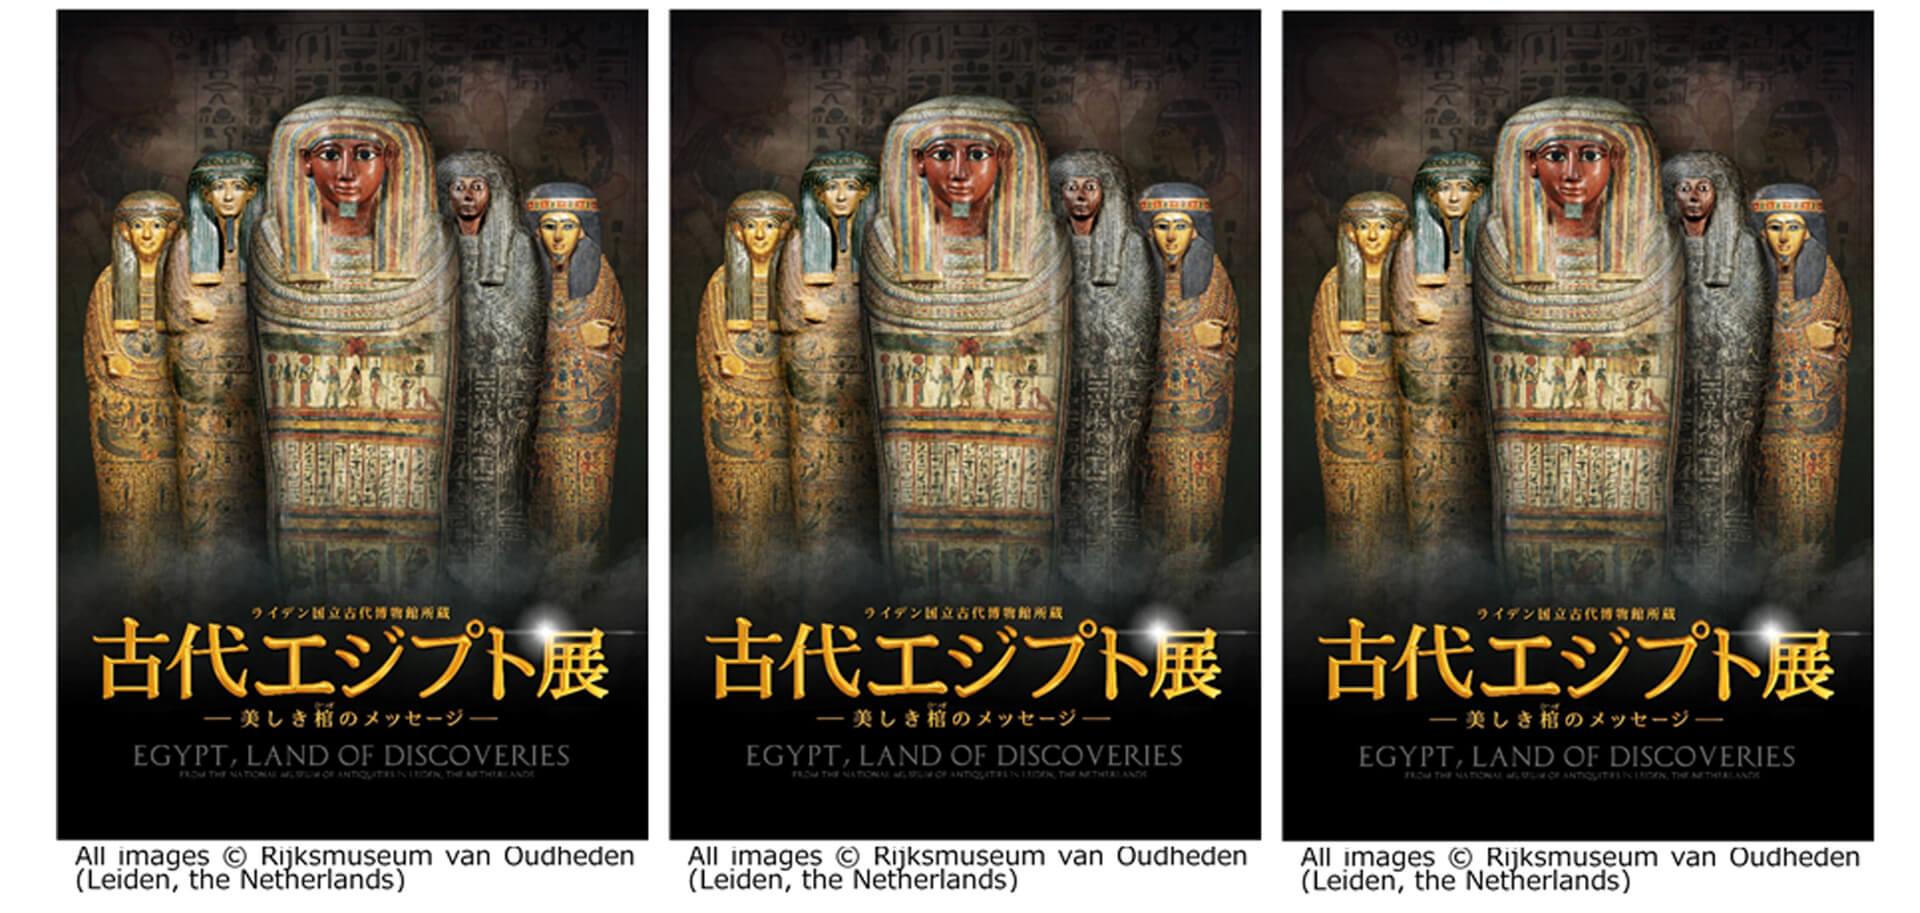 「ライデン国立古代博物館所蔵 古代エジプト展 美しき棺のメッセージ」展覧会